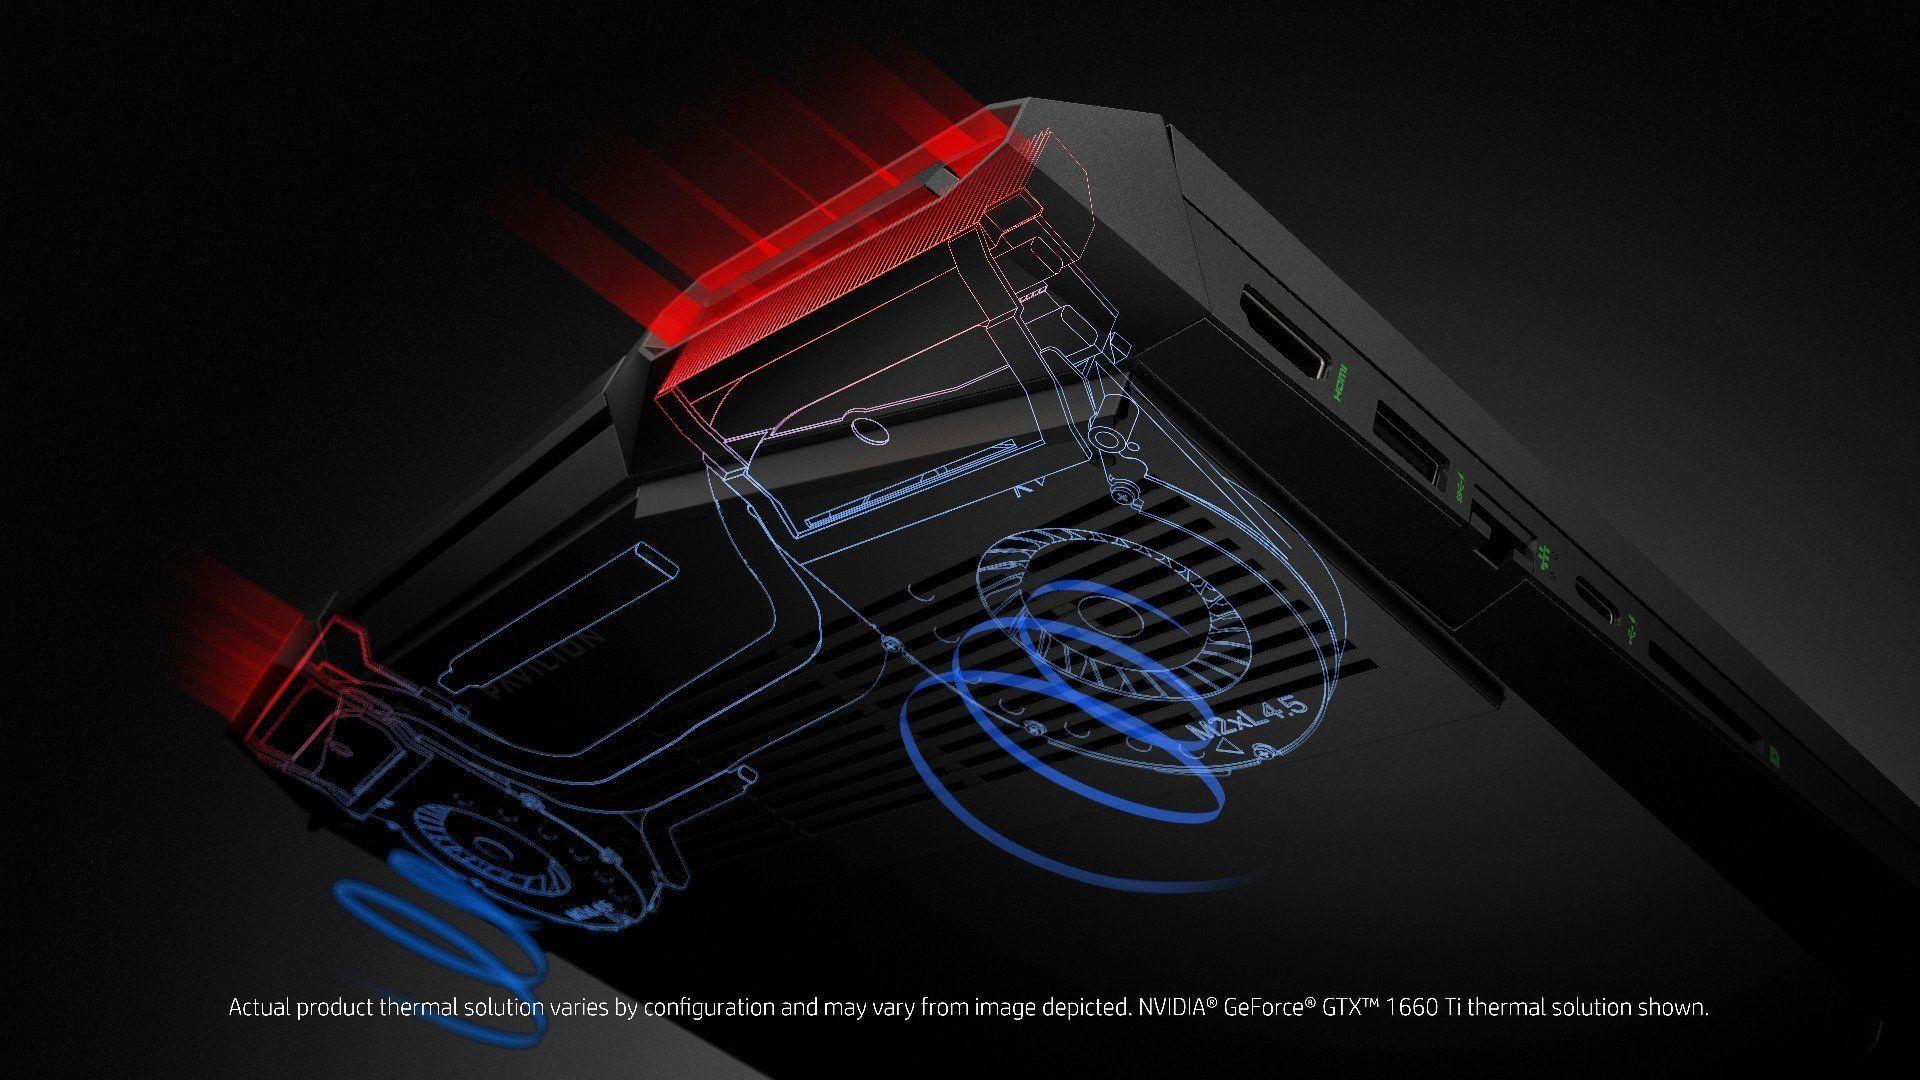 HP Gaming Pavilion - 15-dk0047tx